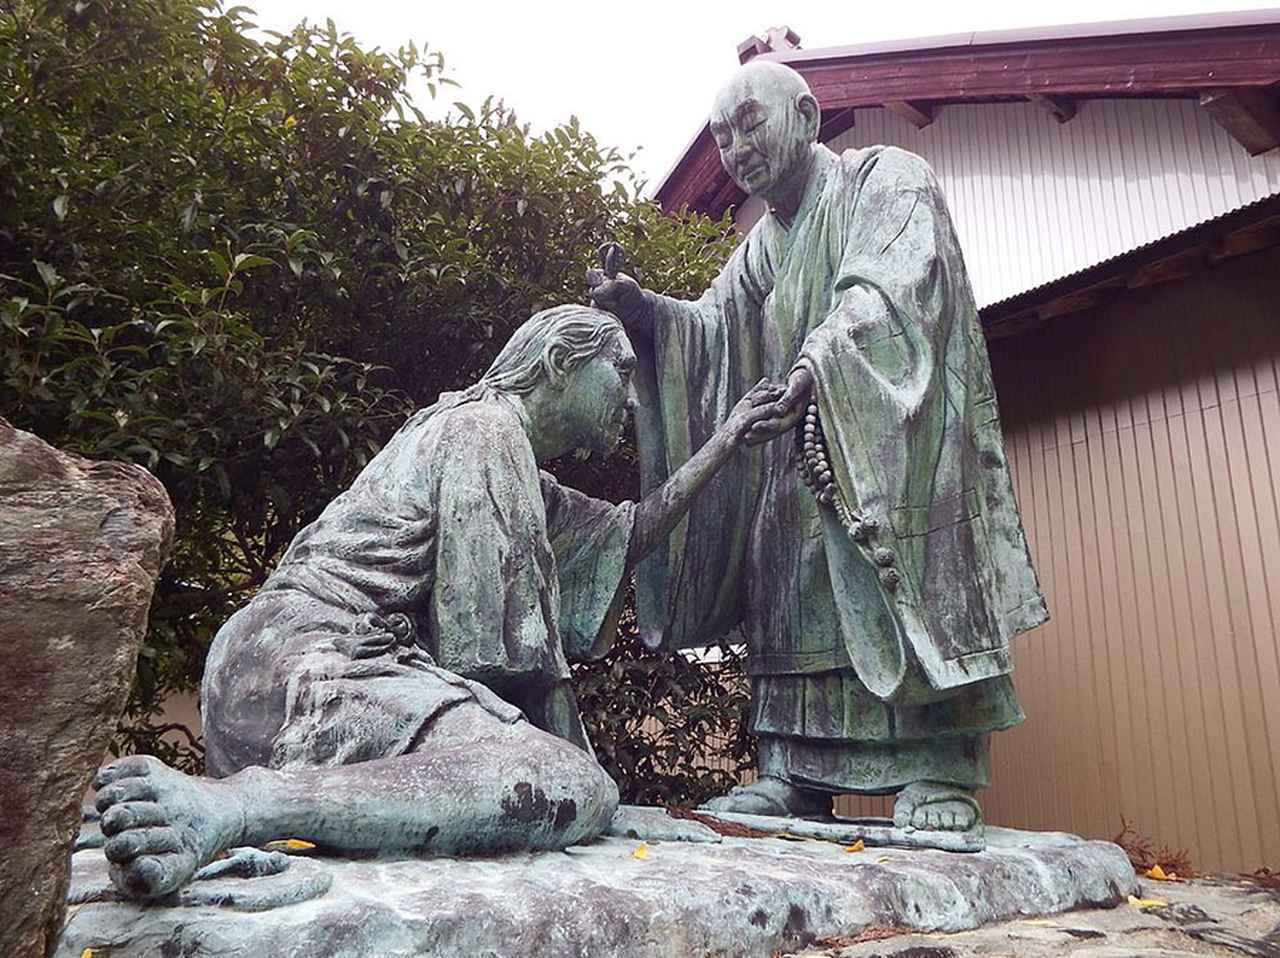 画像: 写真は焼山寺に近い、衛門三郎終焉の伝説が残る場所に立つ寺院、杖杉庵(じょうしんあん)に鎮座する衛門三郎と弘法大師の石像。写真/Dokudami